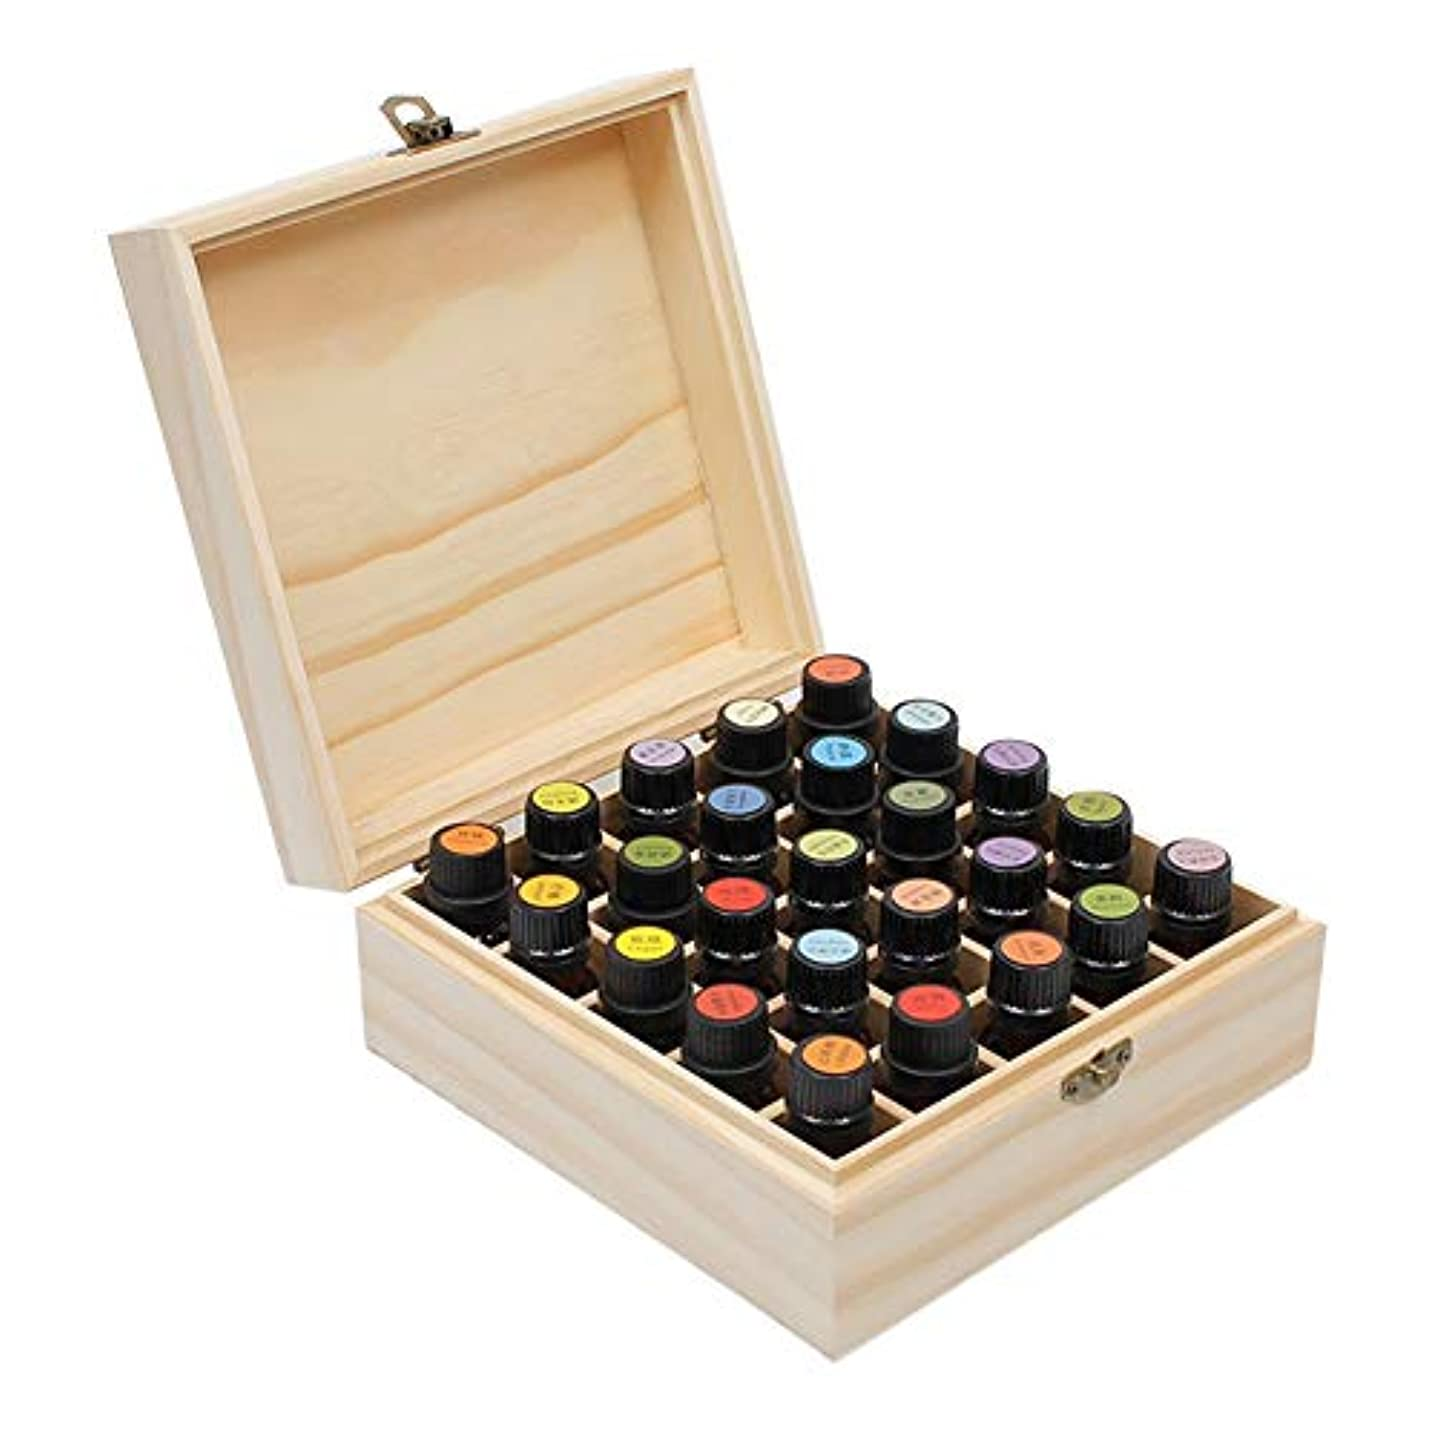 フレキシブル封筒塩辛いエッセンシャルオイル収納ボックス 25本用 木製エッセンシャルオイルボックス メイクポーチ 精油収納ケース 携帯用 自然ウッド精油収納ボックス 香水収納ケース